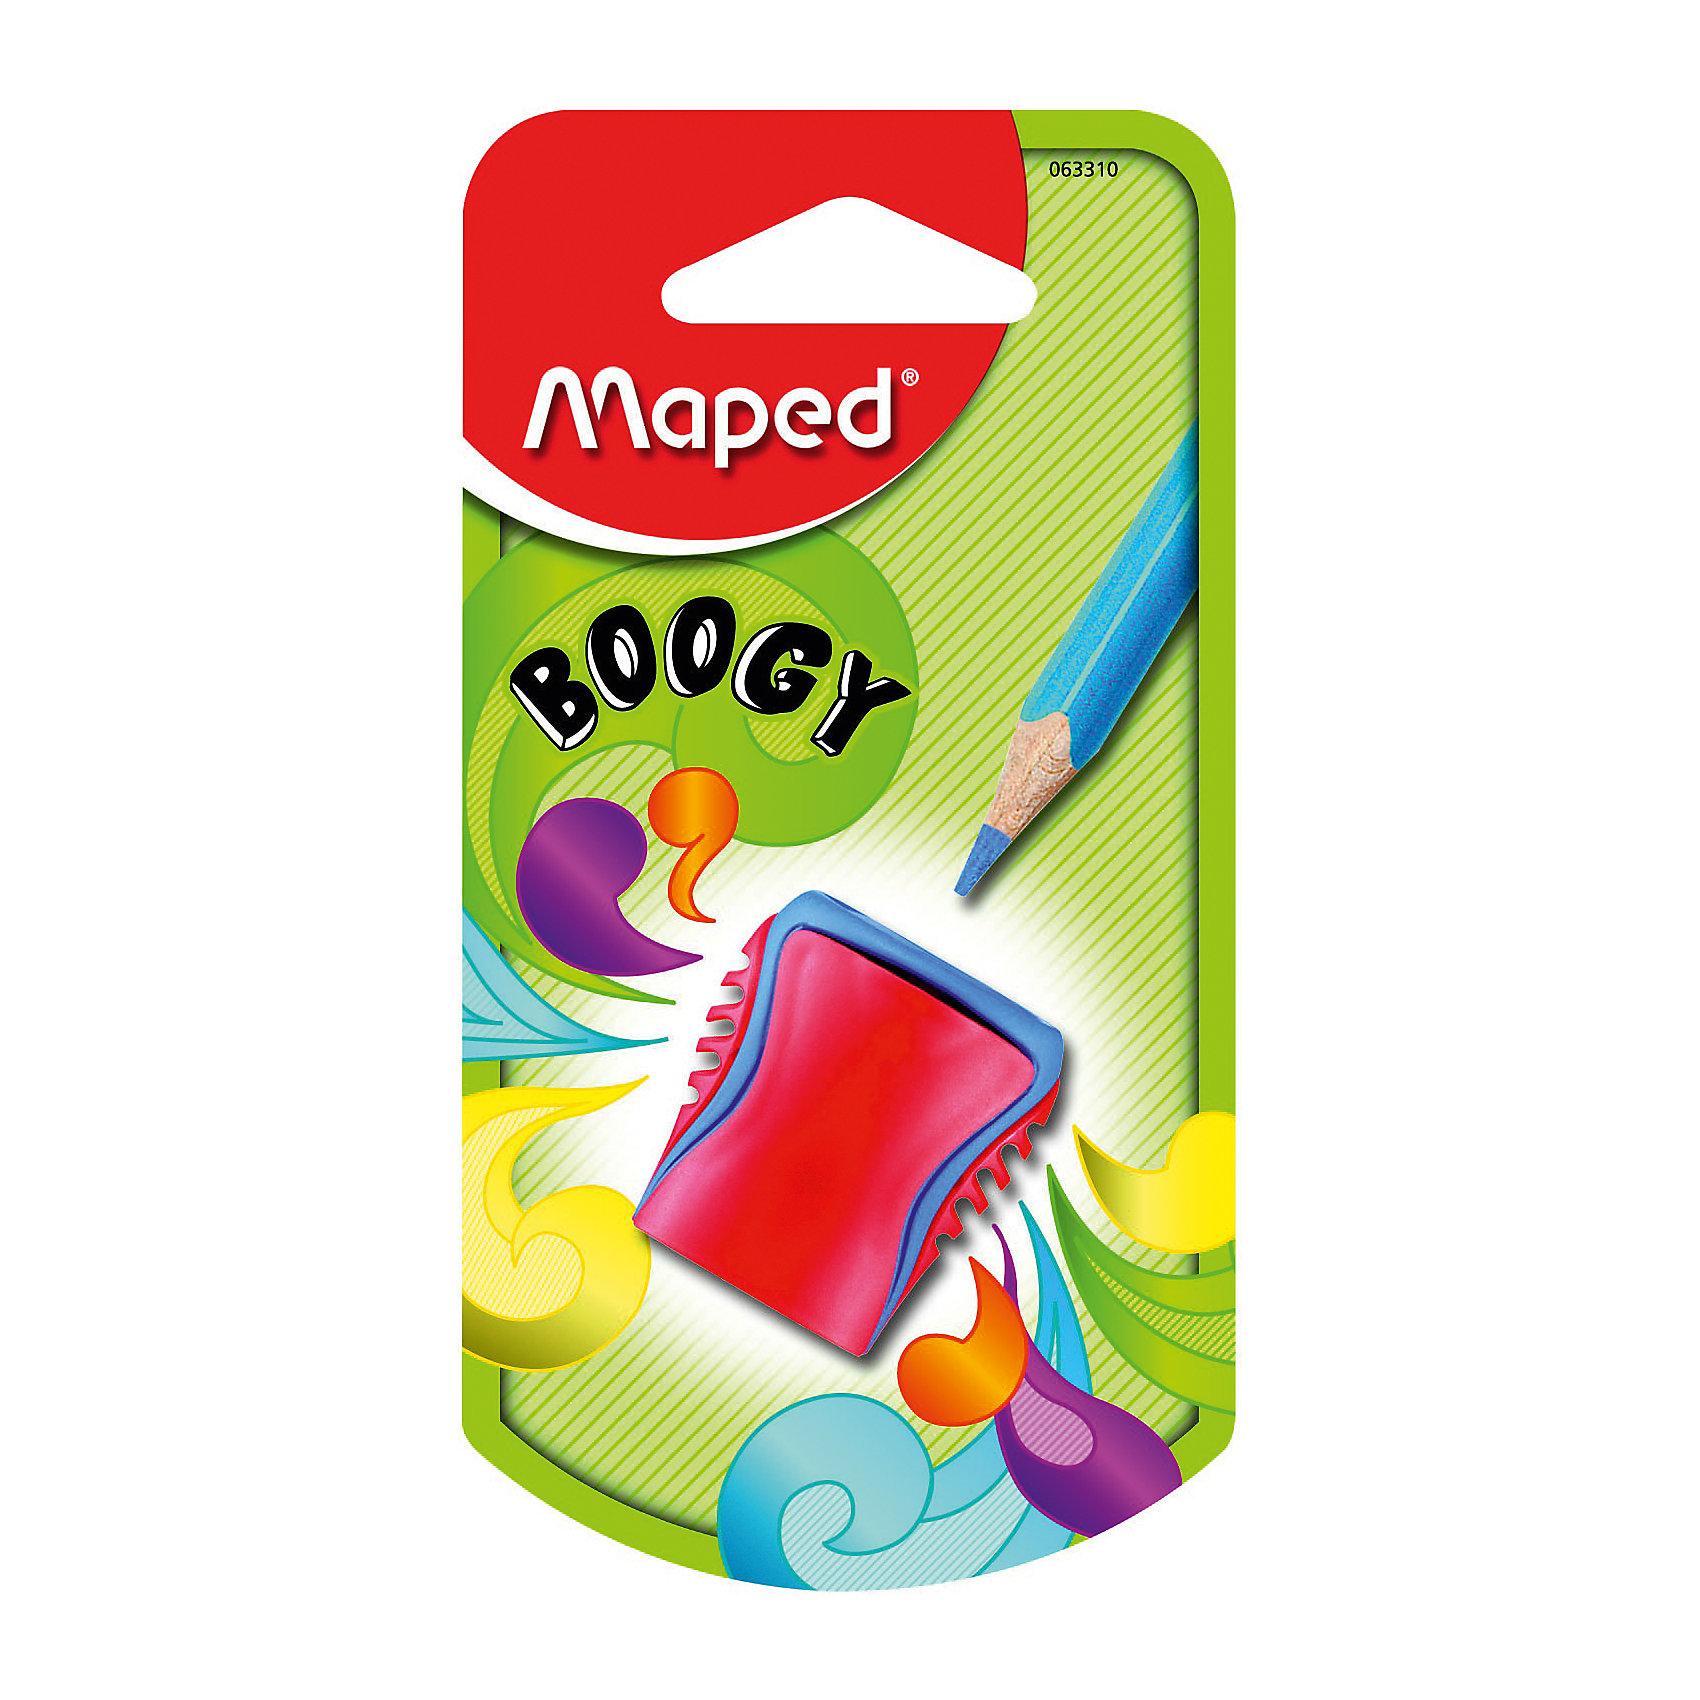 Точилка Maped Boogy, пластиковая, 1 отверстиеПисьменные принадлежности<br>Точилка пластиковая с 1 диаметром BOOGY. Яркий и современный дизайн. Подходит для пеналов. Идеально для общеобразовательных учреждений.<br><br>Ширина мм: 24<br>Глубина мм: 65<br>Высота мм: 125<br>Вес г: 7<br>Возраст от месяцев: 36<br>Возраст до месяцев: 2147483647<br>Пол: Унисекс<br>Возраст: Детский<br>SKU: 7065325